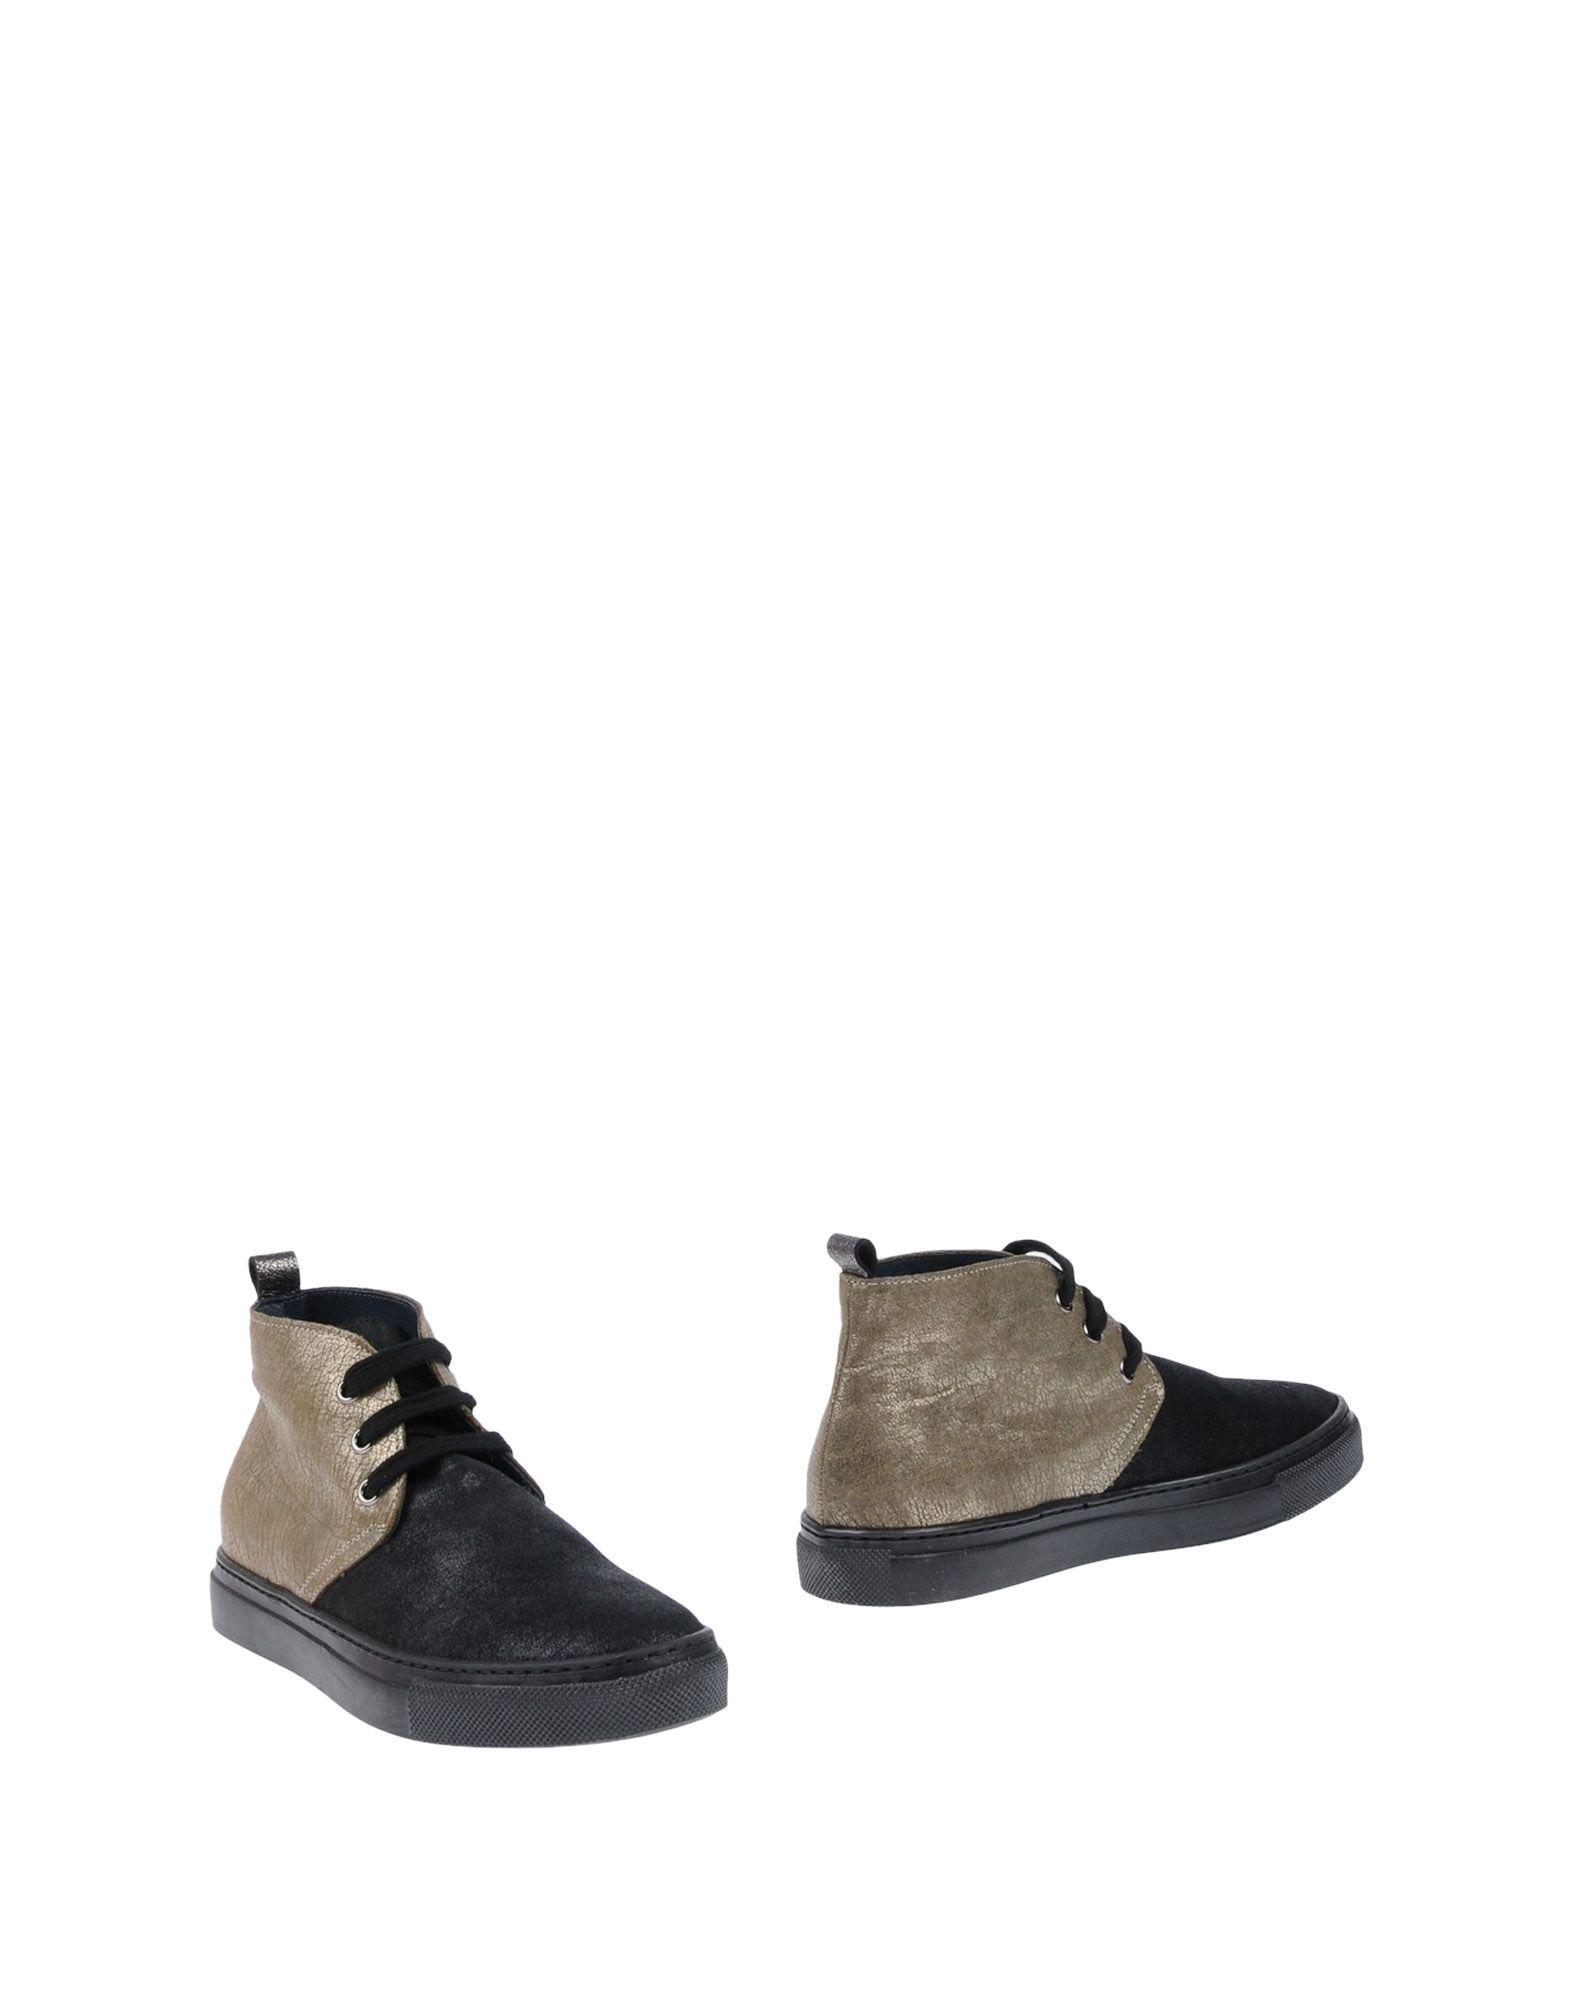 Bottine Ebarrito Femme - Bottines Ebarrito Noir Dernières chaussures discount pour hommes et femmes